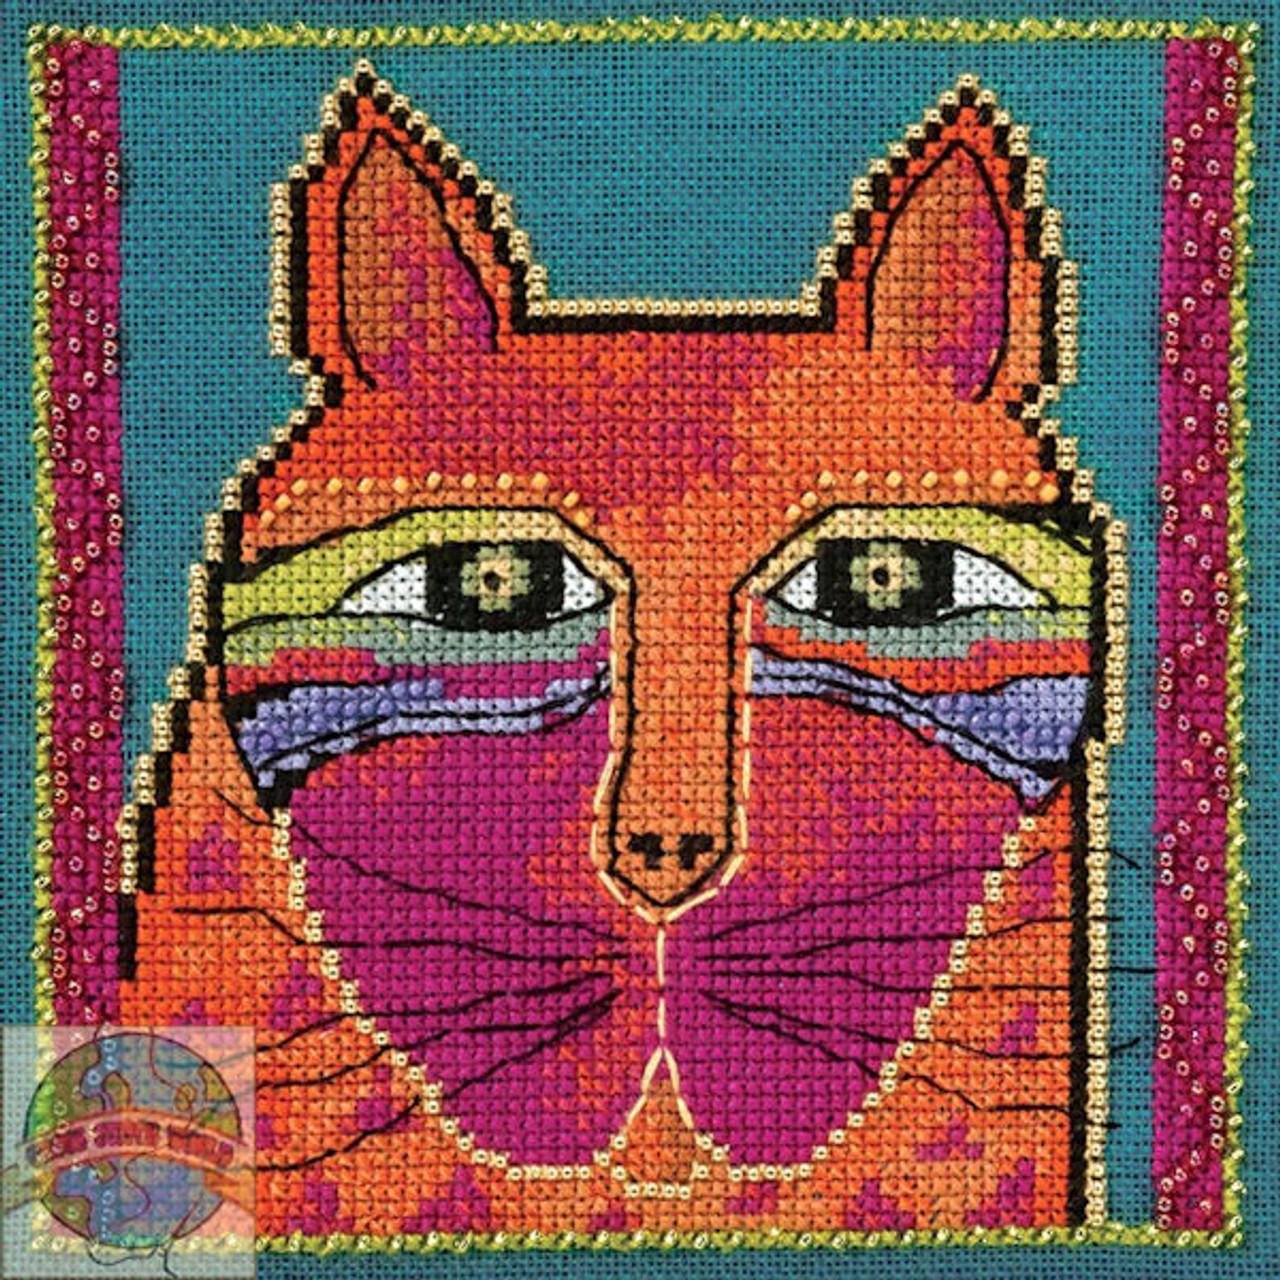 Mill Hill / Laurel Burch - Wild Orange Cat (AIDA)